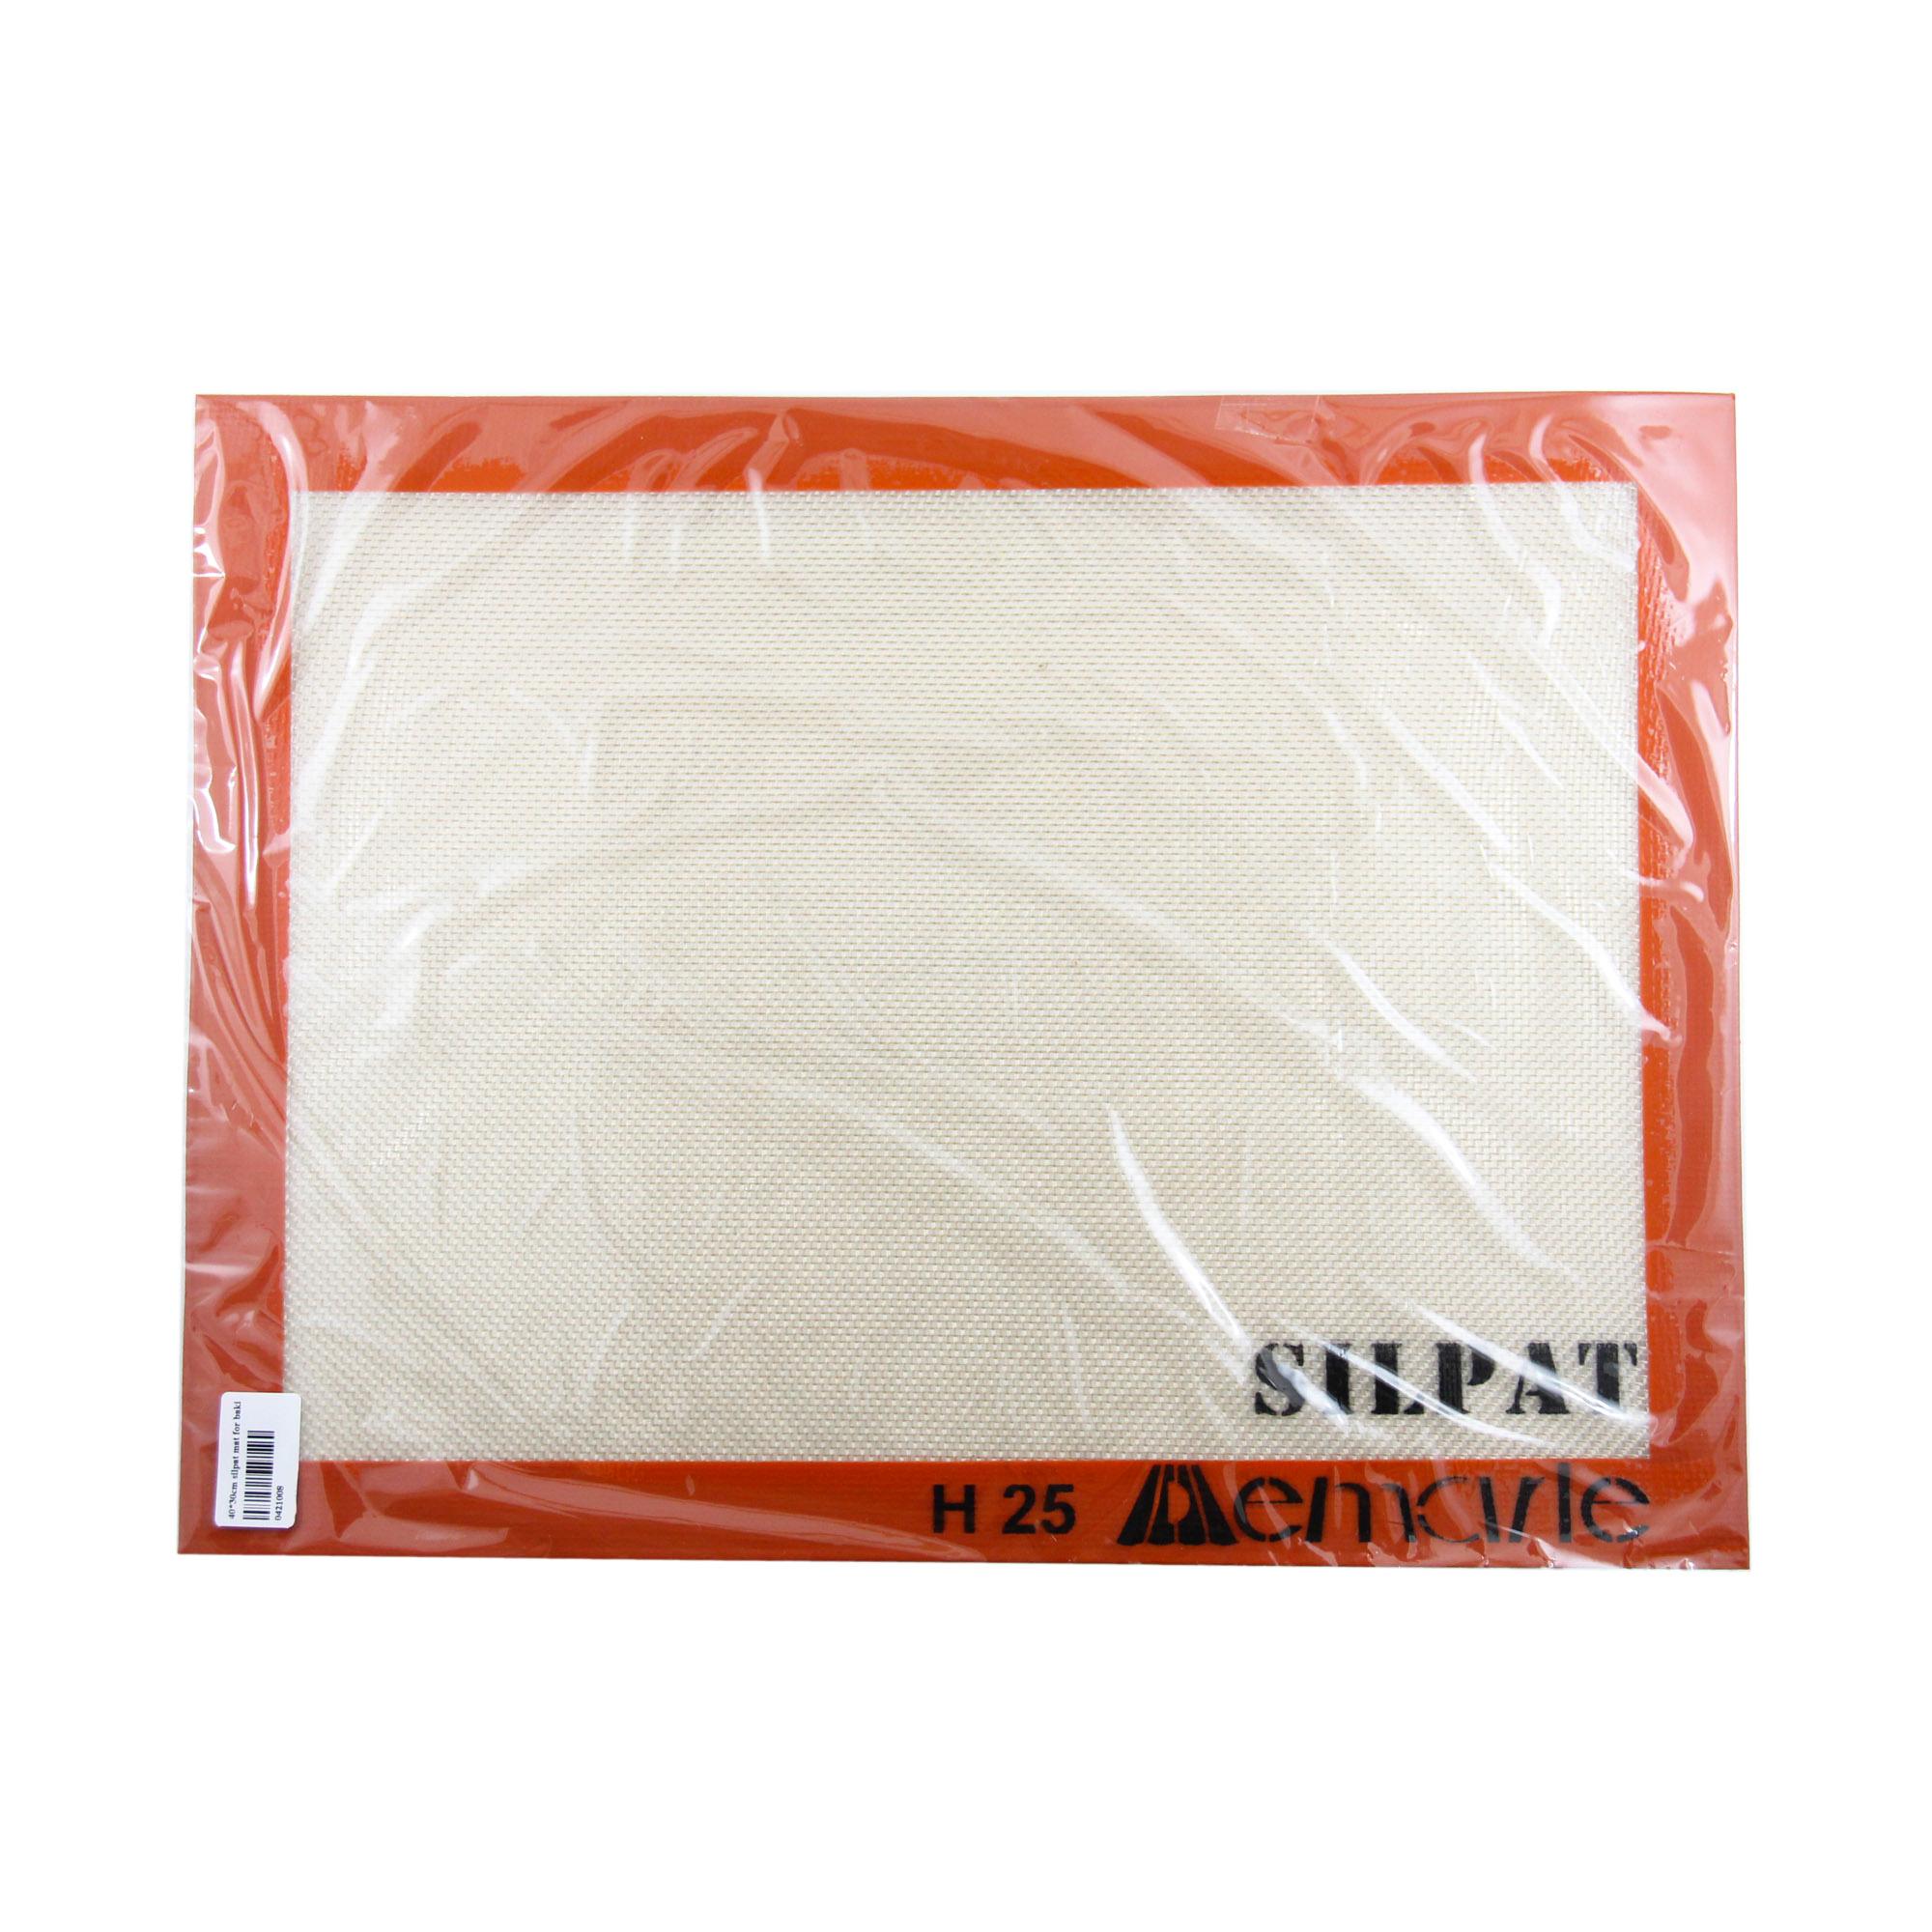 Demarle silpat mat for baking 40*30 cm